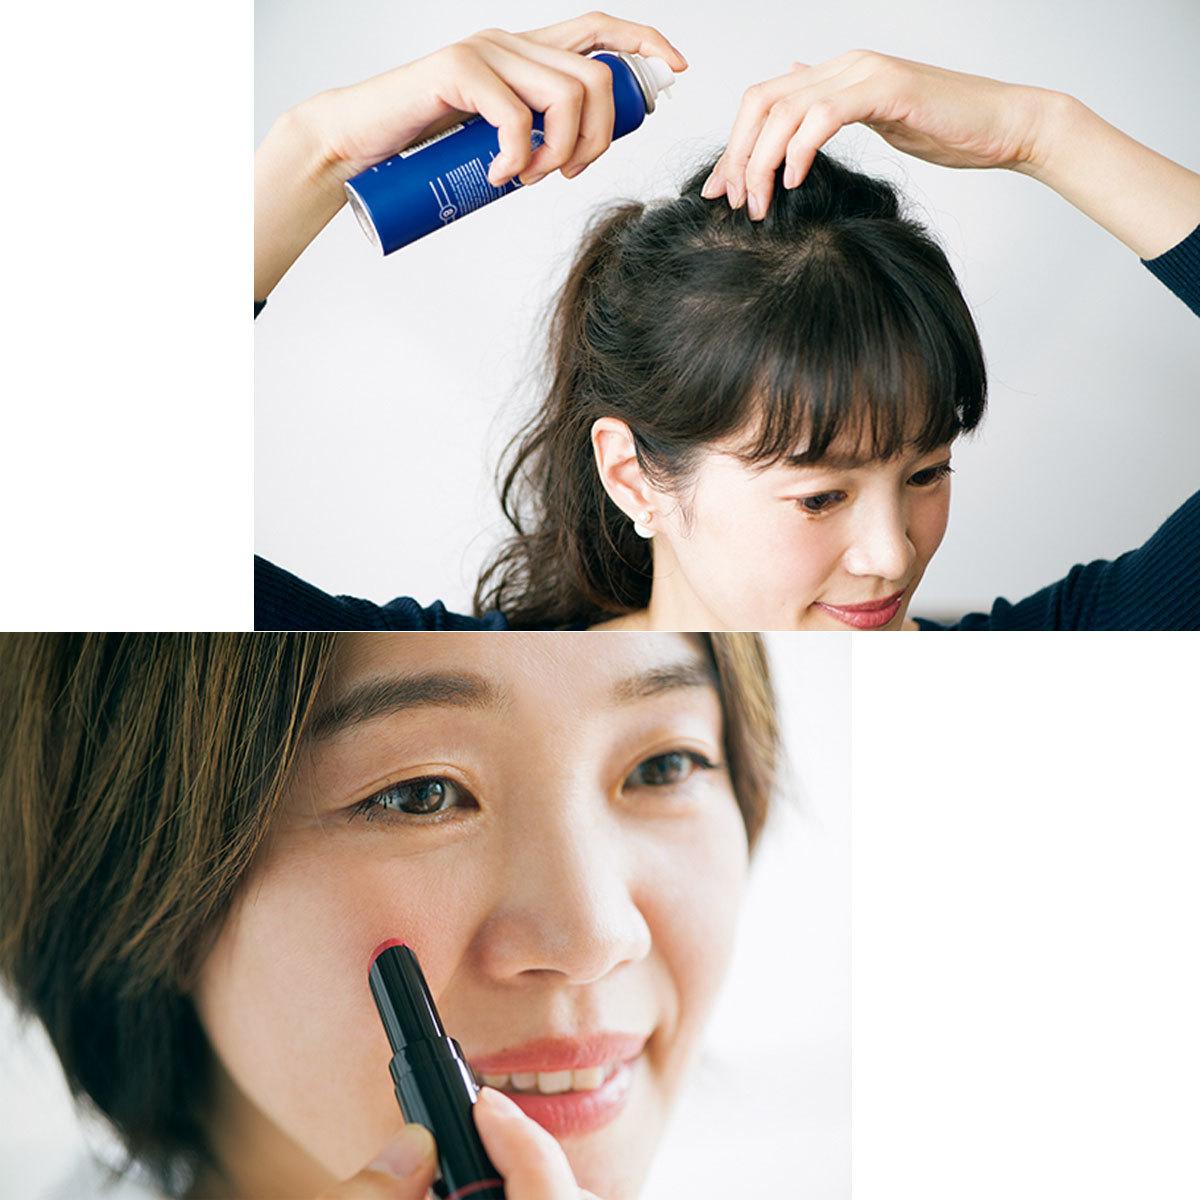 美容プロのプチプラコスメ活用法からアラフォーの肌をアゲるクレンジングまで【ビューティー人気記事ランキングトップ6】_1_1